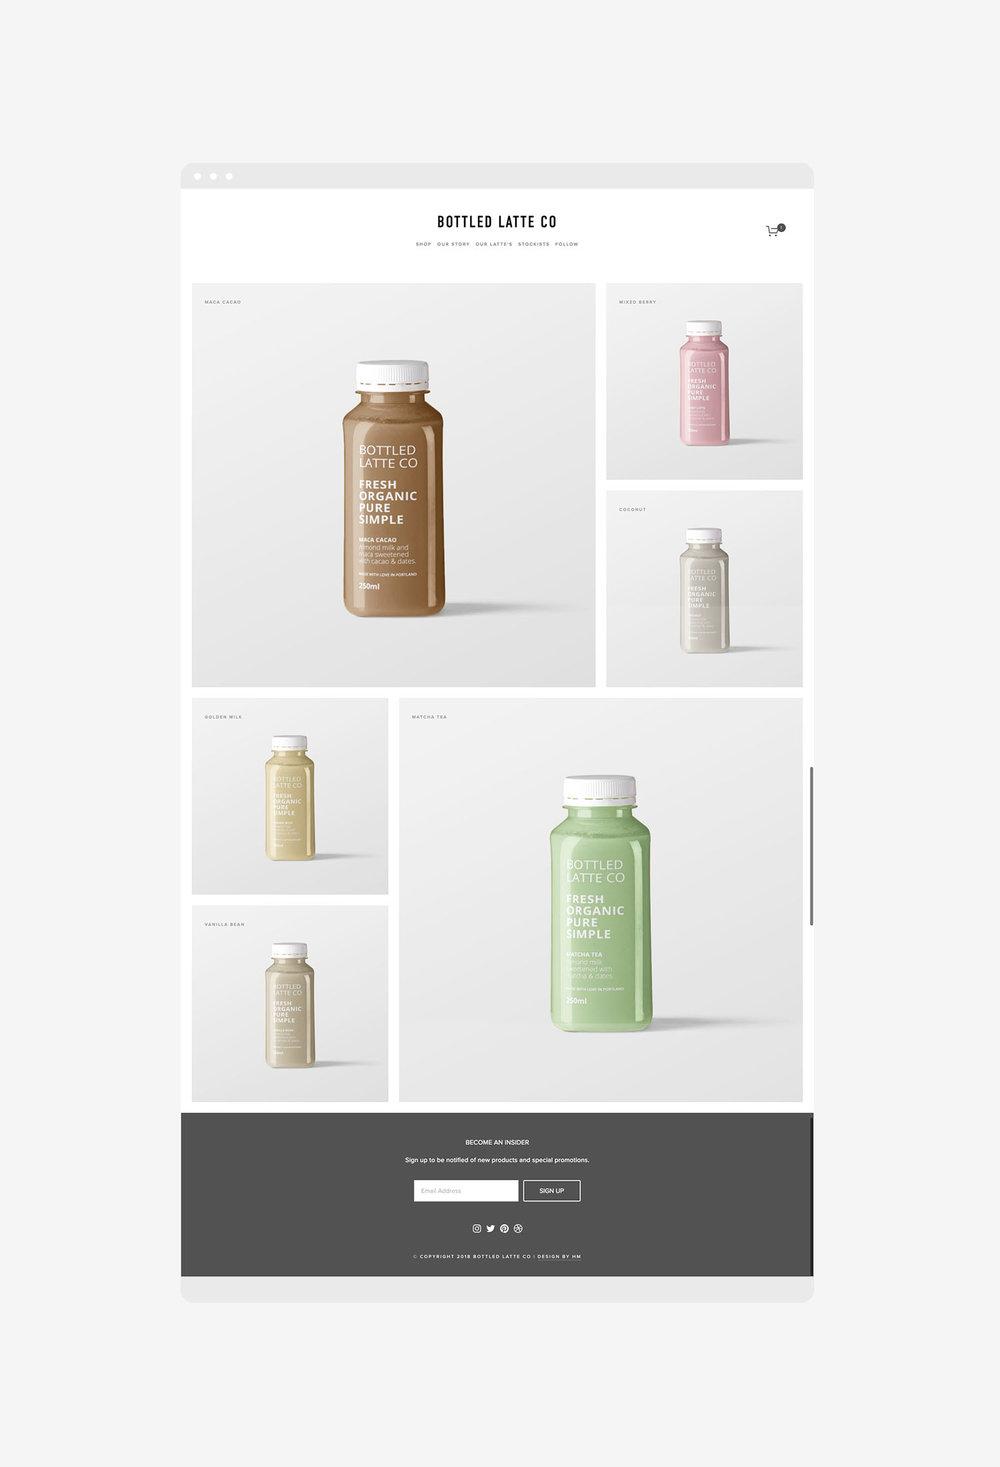 BottledLatteCo-Shop-Website-Design-Squarespace-Heather-Maehr-Graphic-Designer-Portland.jpg